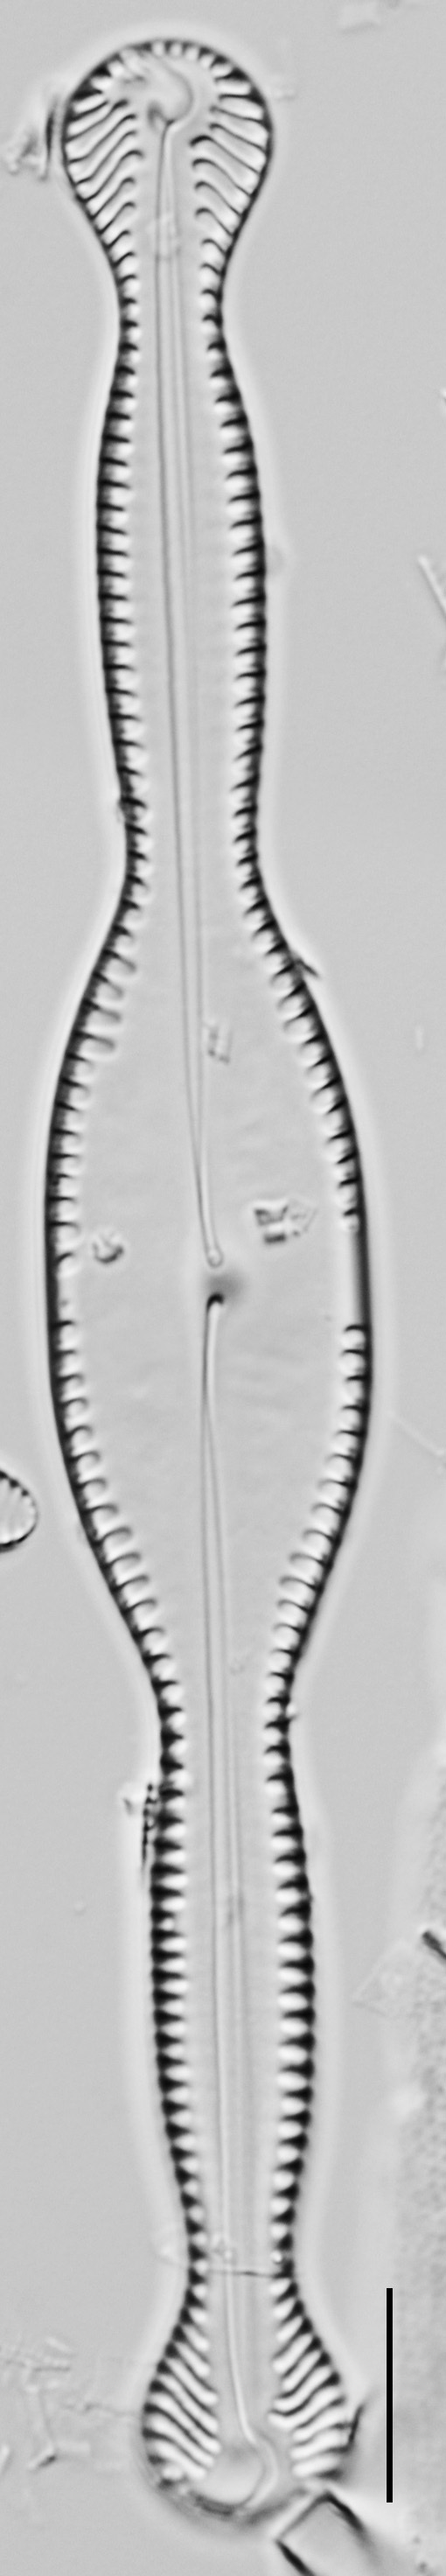 Pinnularia formica LM4